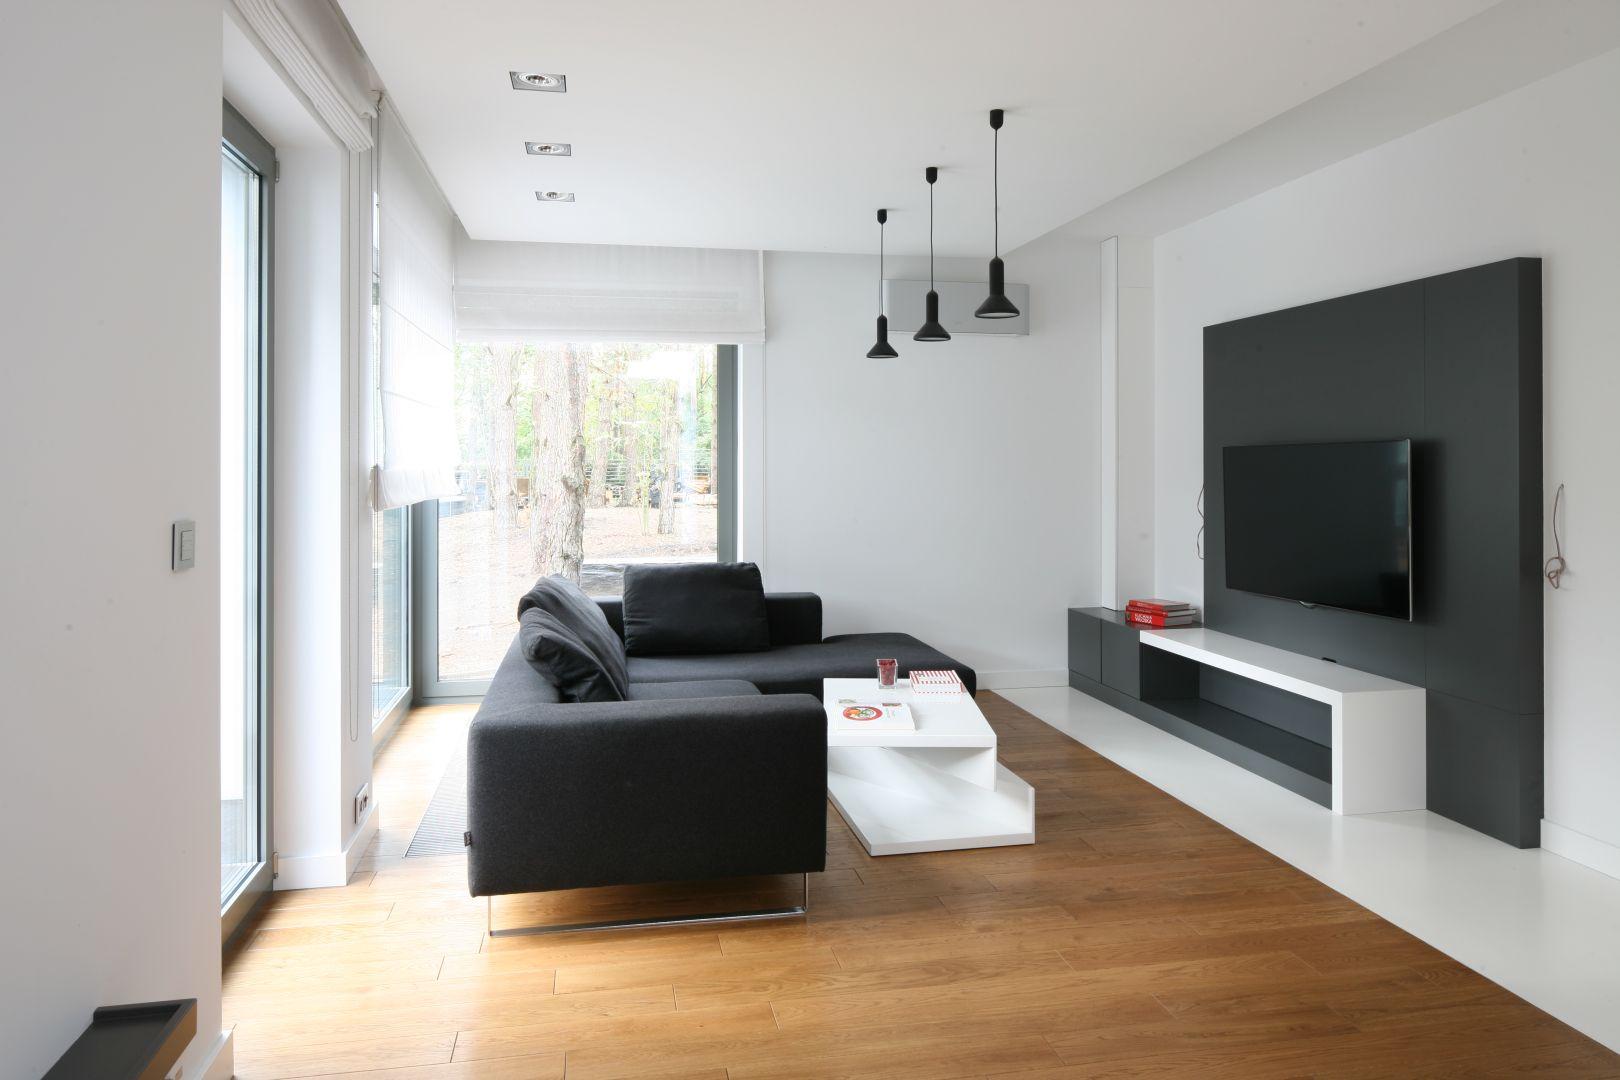 Trzy proste w formie lampy w czarnym kolorze doskonale pasują do nowocześnie urządzonego salonu. Projekt: Katarzyna Kiełek, Agnieszka Komorowska-Różycka. Fot. Bartosz Jarosz